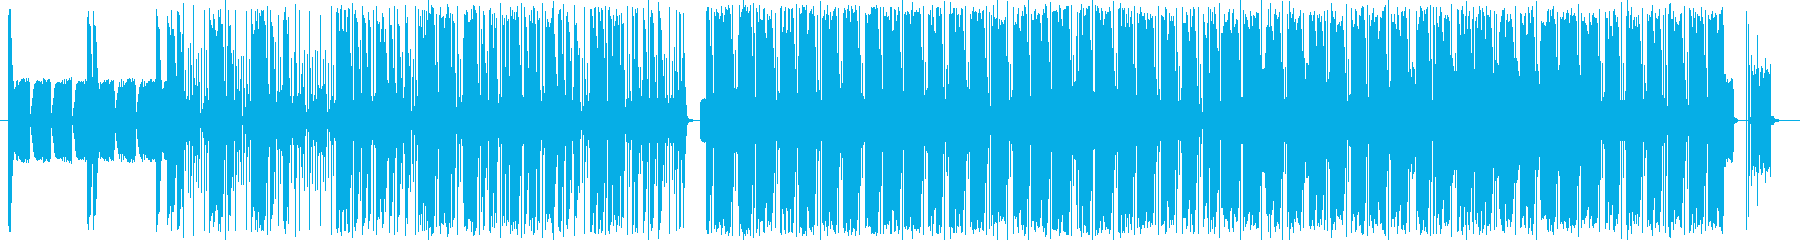 電子。サウンドライフ。深い。ラップ...の再生済みの波形